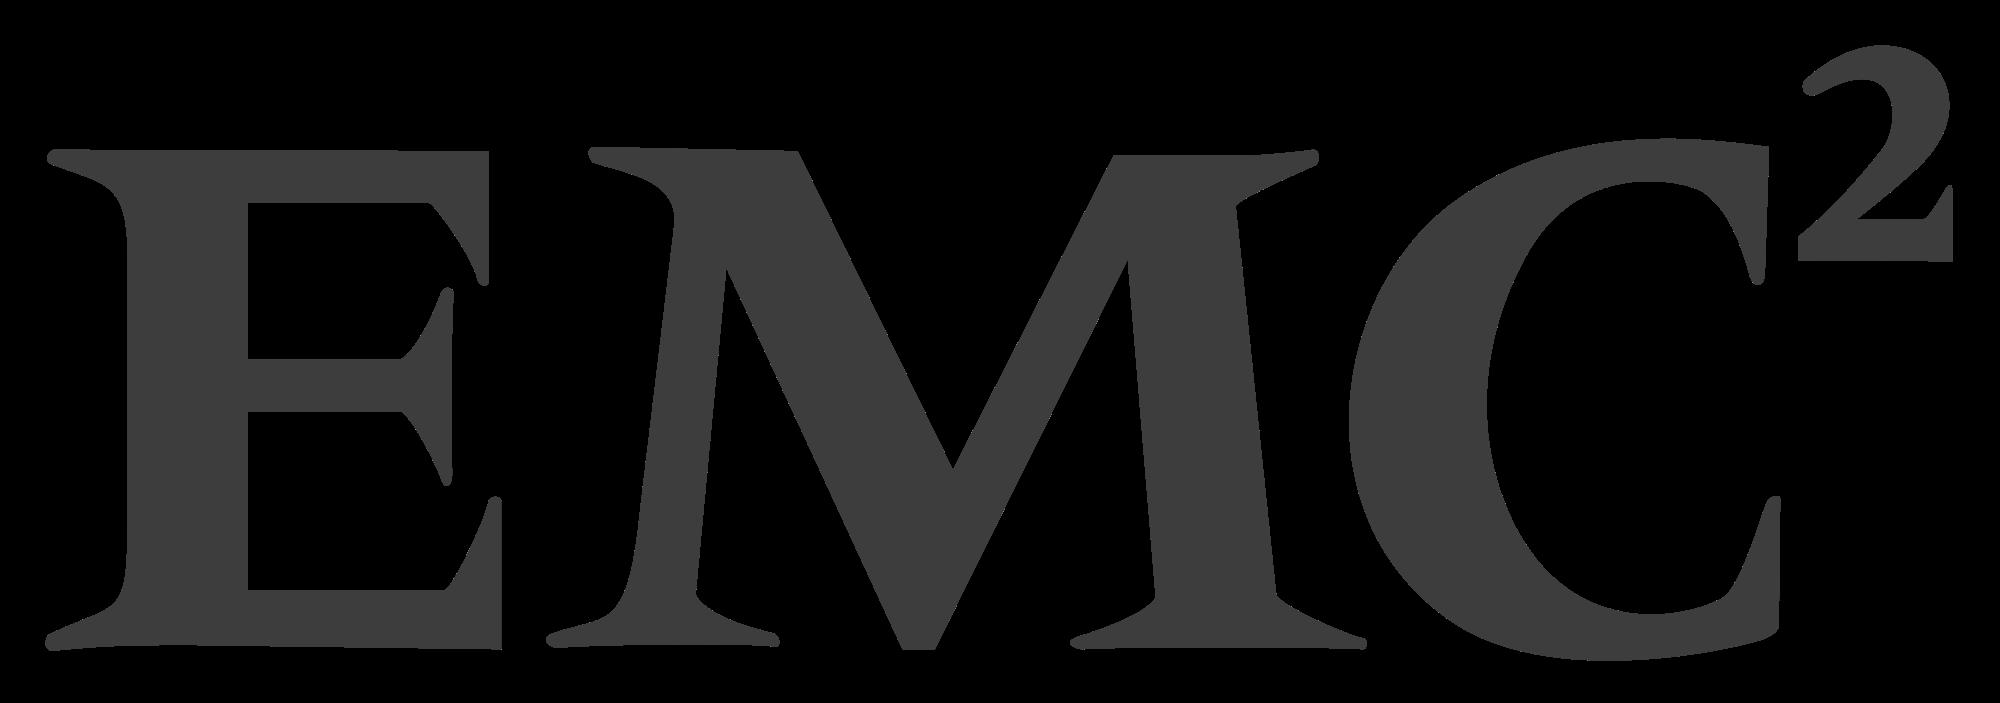 EMC-Logo-Wallpaper.png